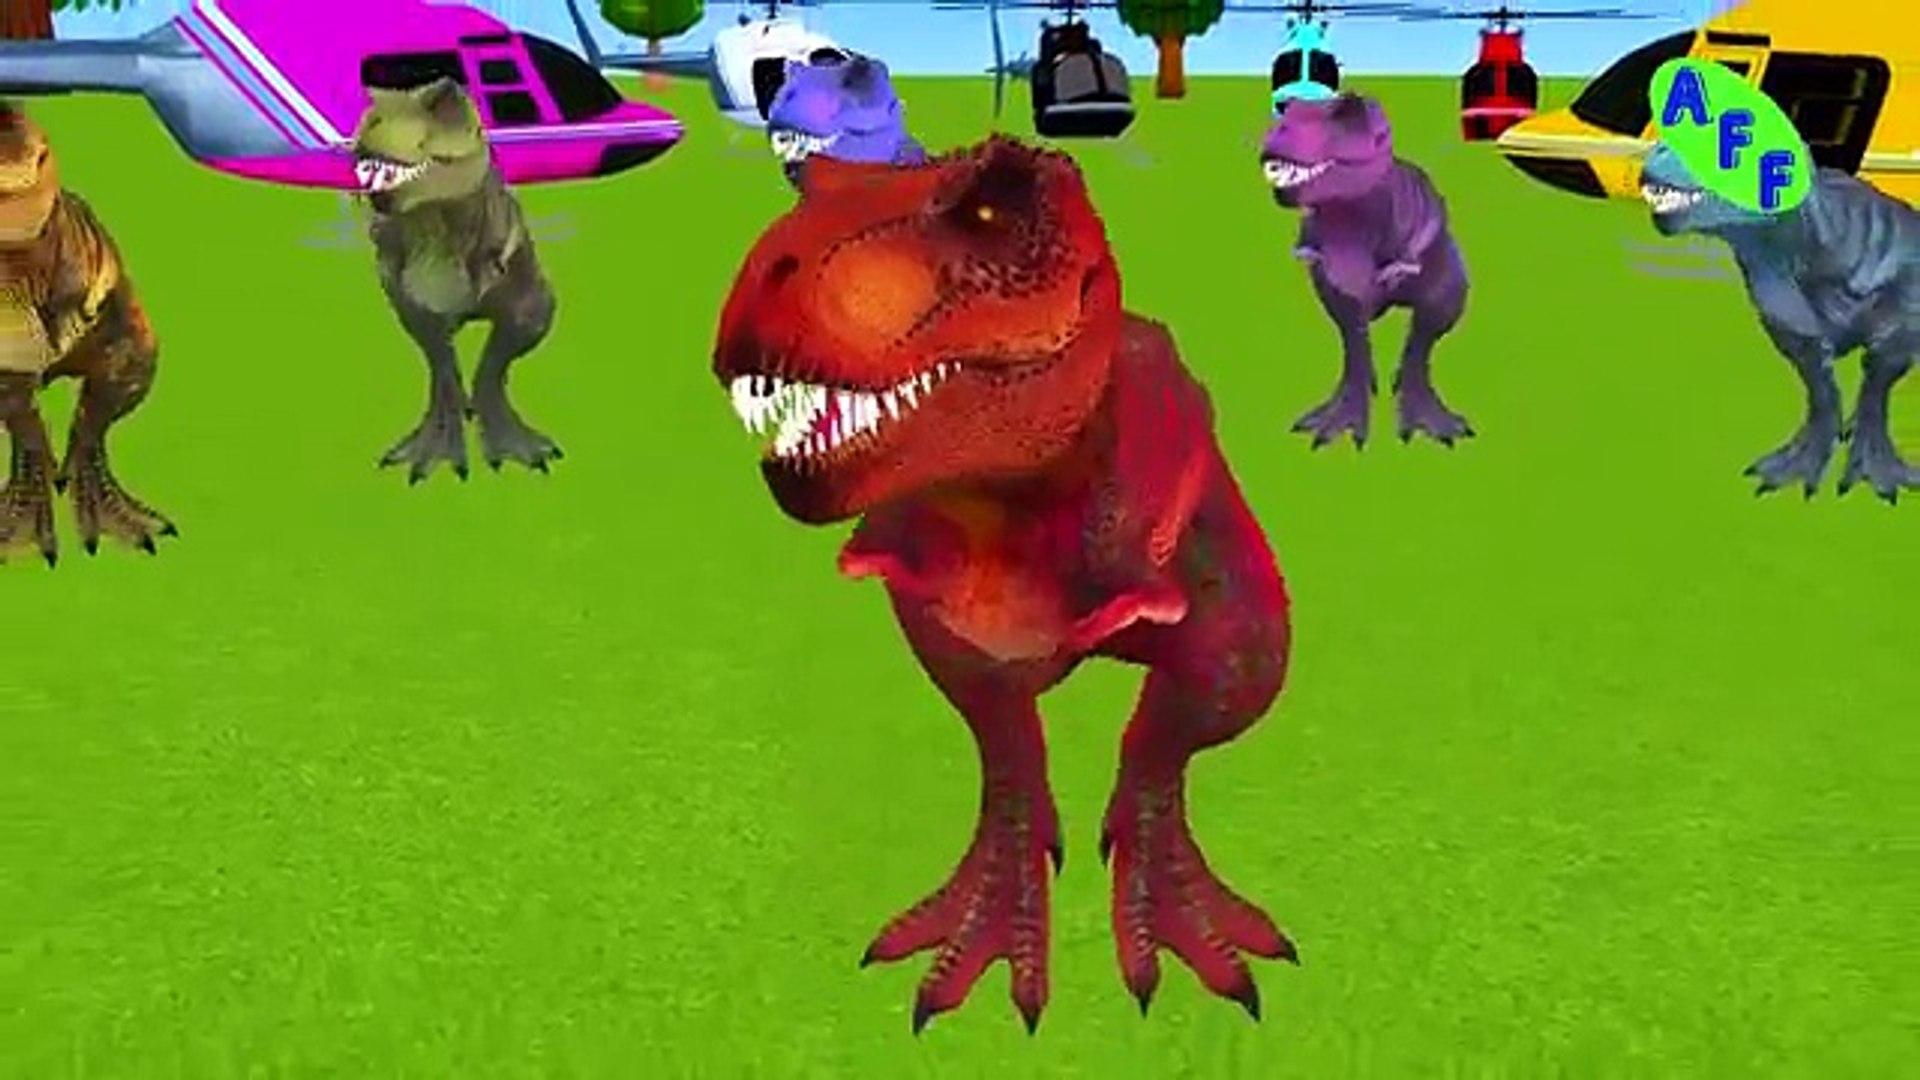 Divertidos Dinosaurios Dibujos Animados Para Los Niños De 2017 Los Mejores Videos De Dinosaurios Películas De Dibujos Animados Para Los Niños Video Dailymotion